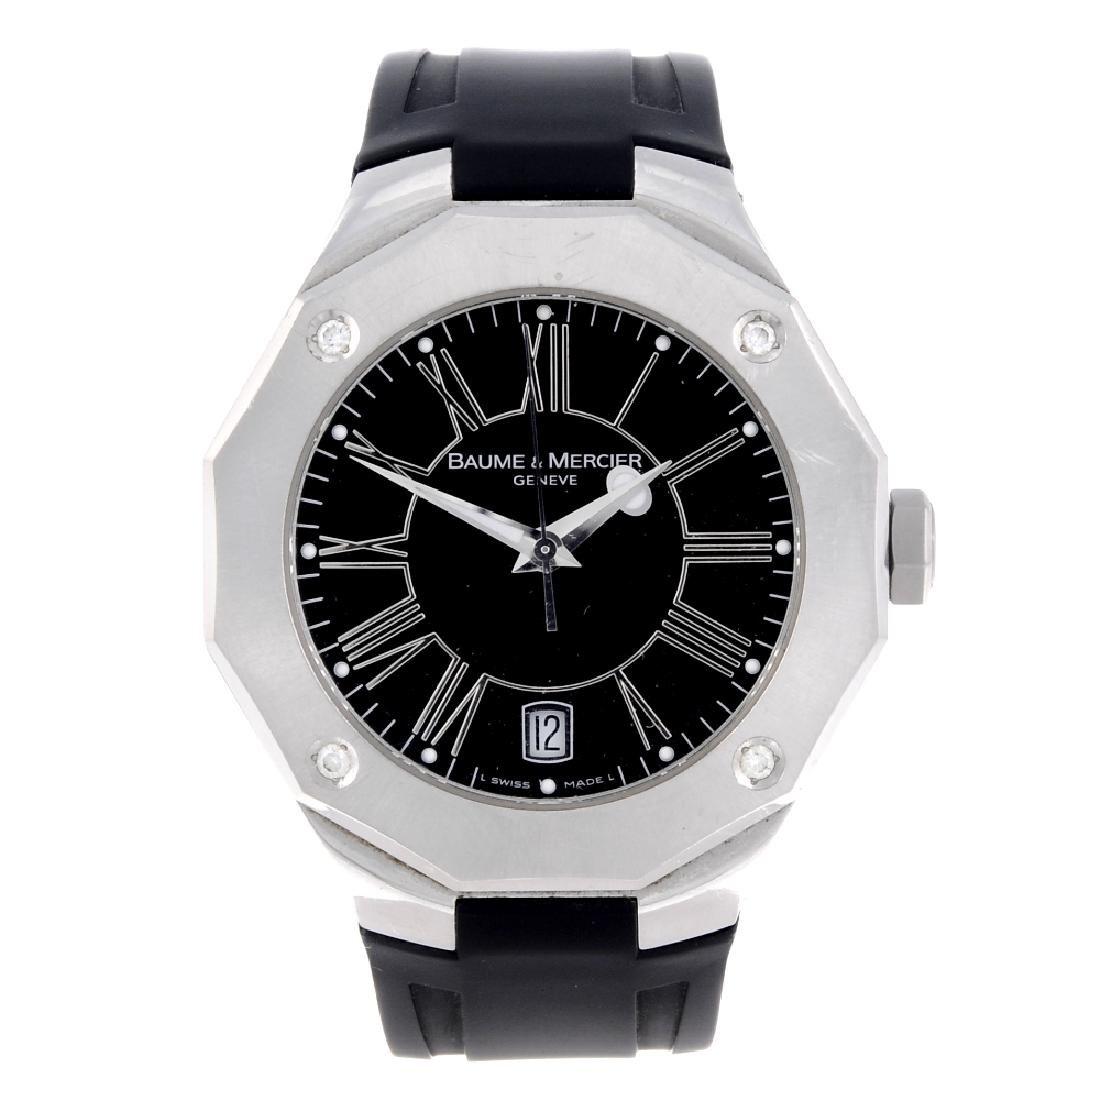 BAUME & MERCIER - a gentleman's Riviera wrist watch.